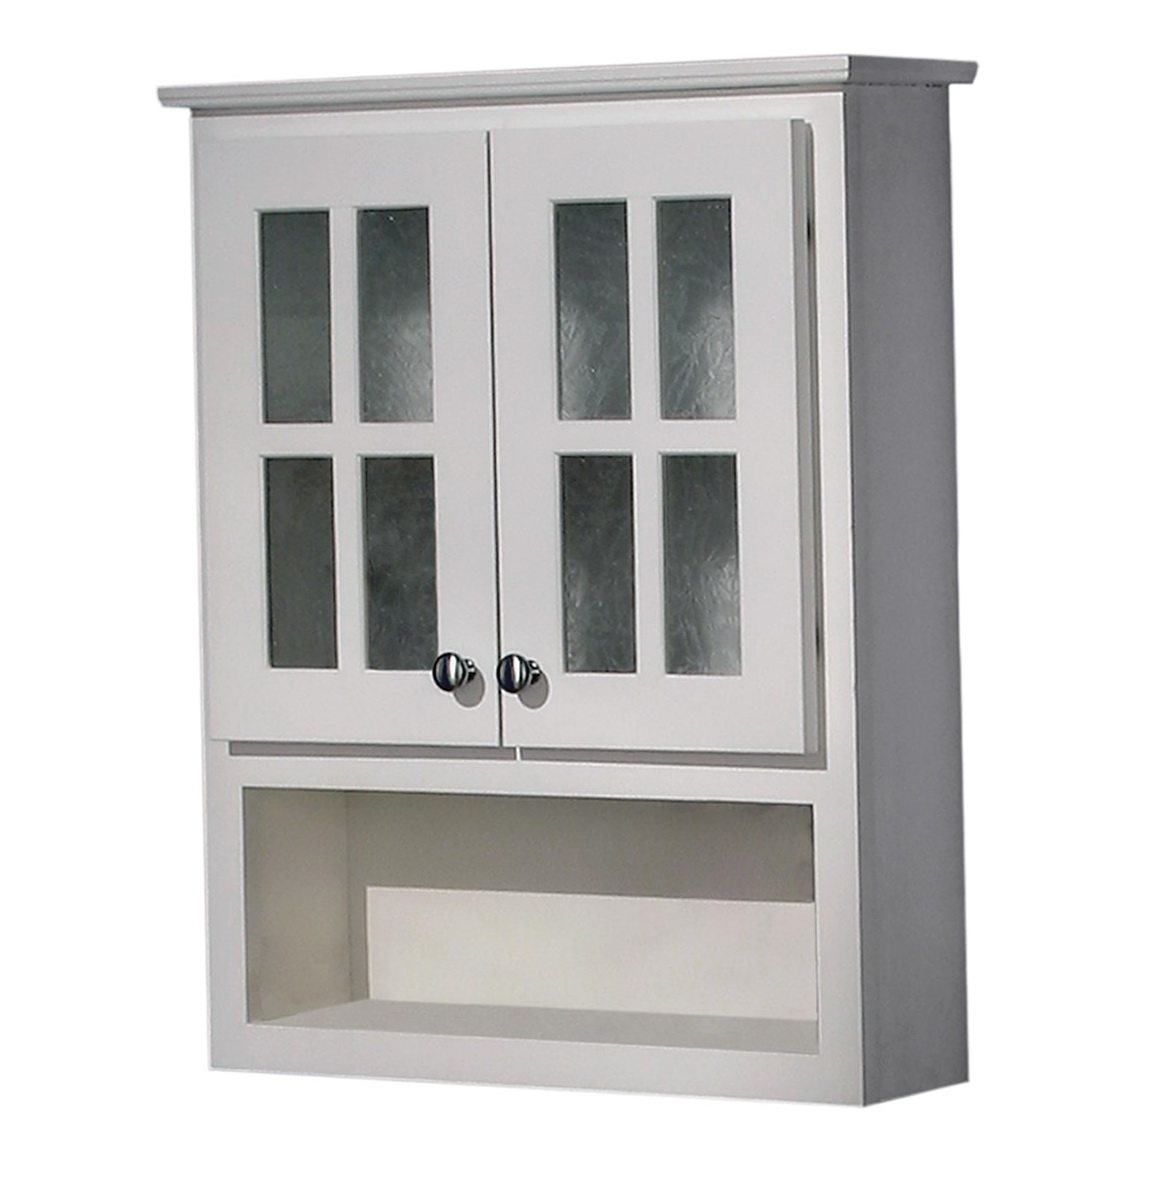 Wet Bar Cabinets Home Depot Cabinet 41771 Home Design